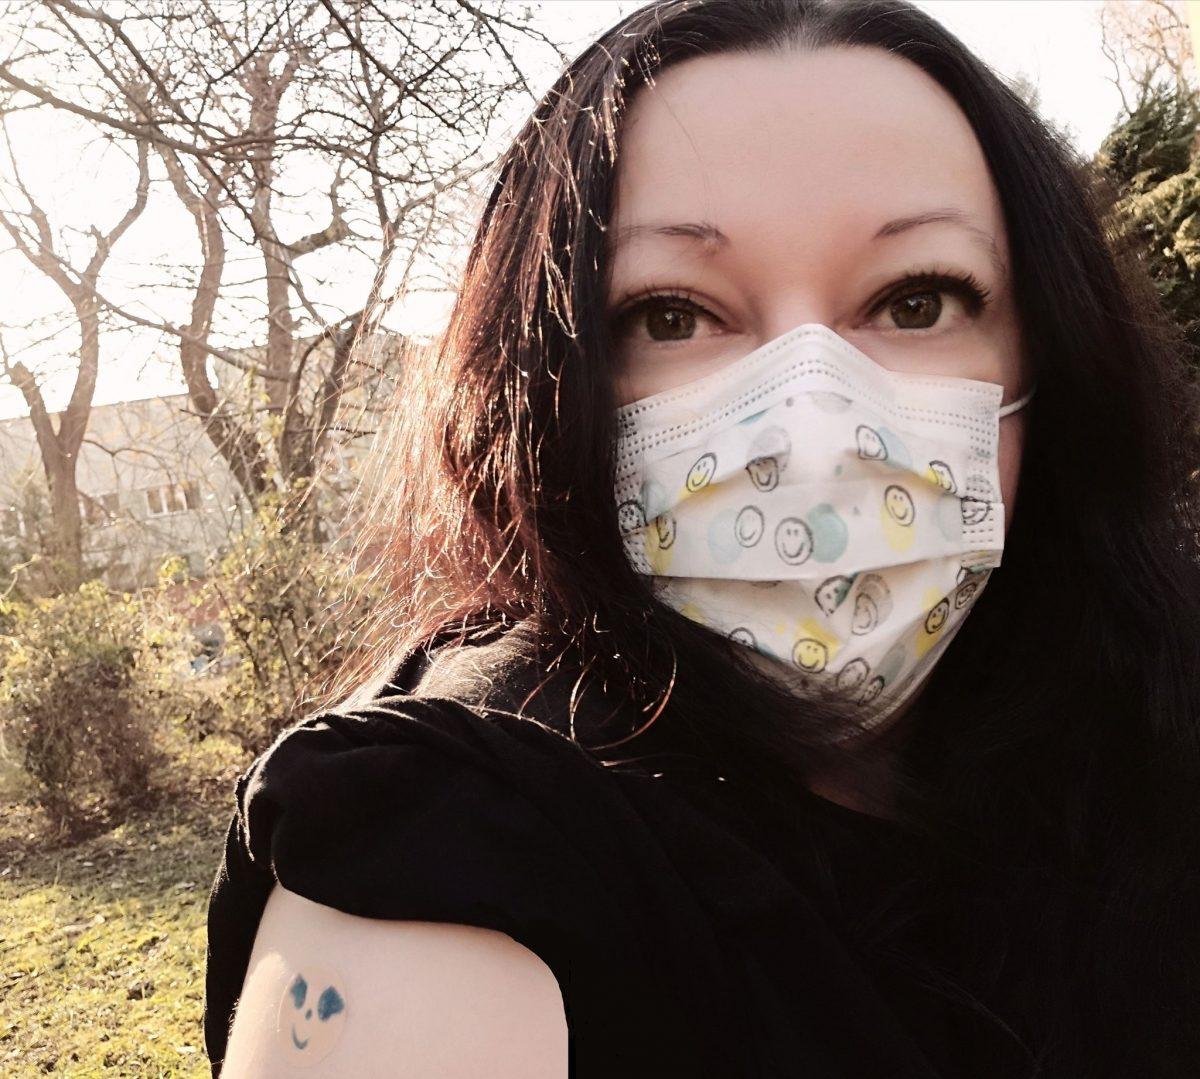 Experiența mea cu vaccinul anti-COVID Pfizer